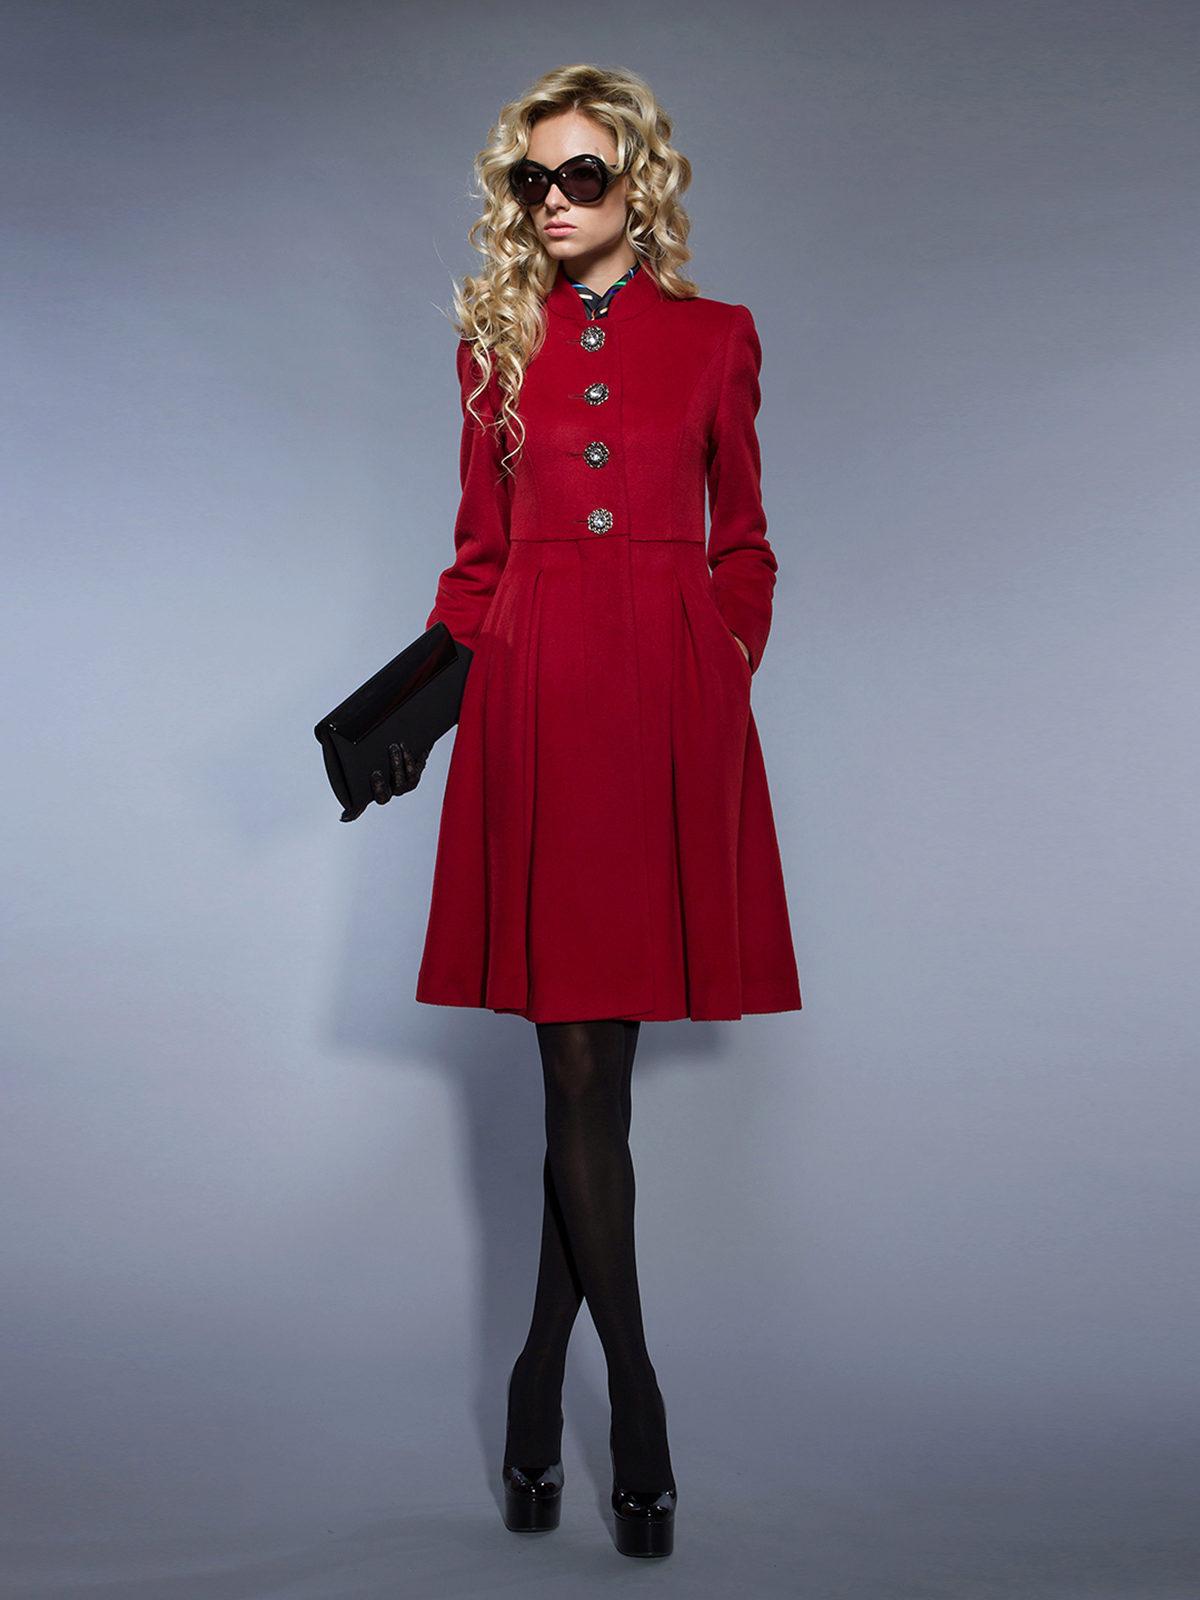 Как из пальто сделать платье